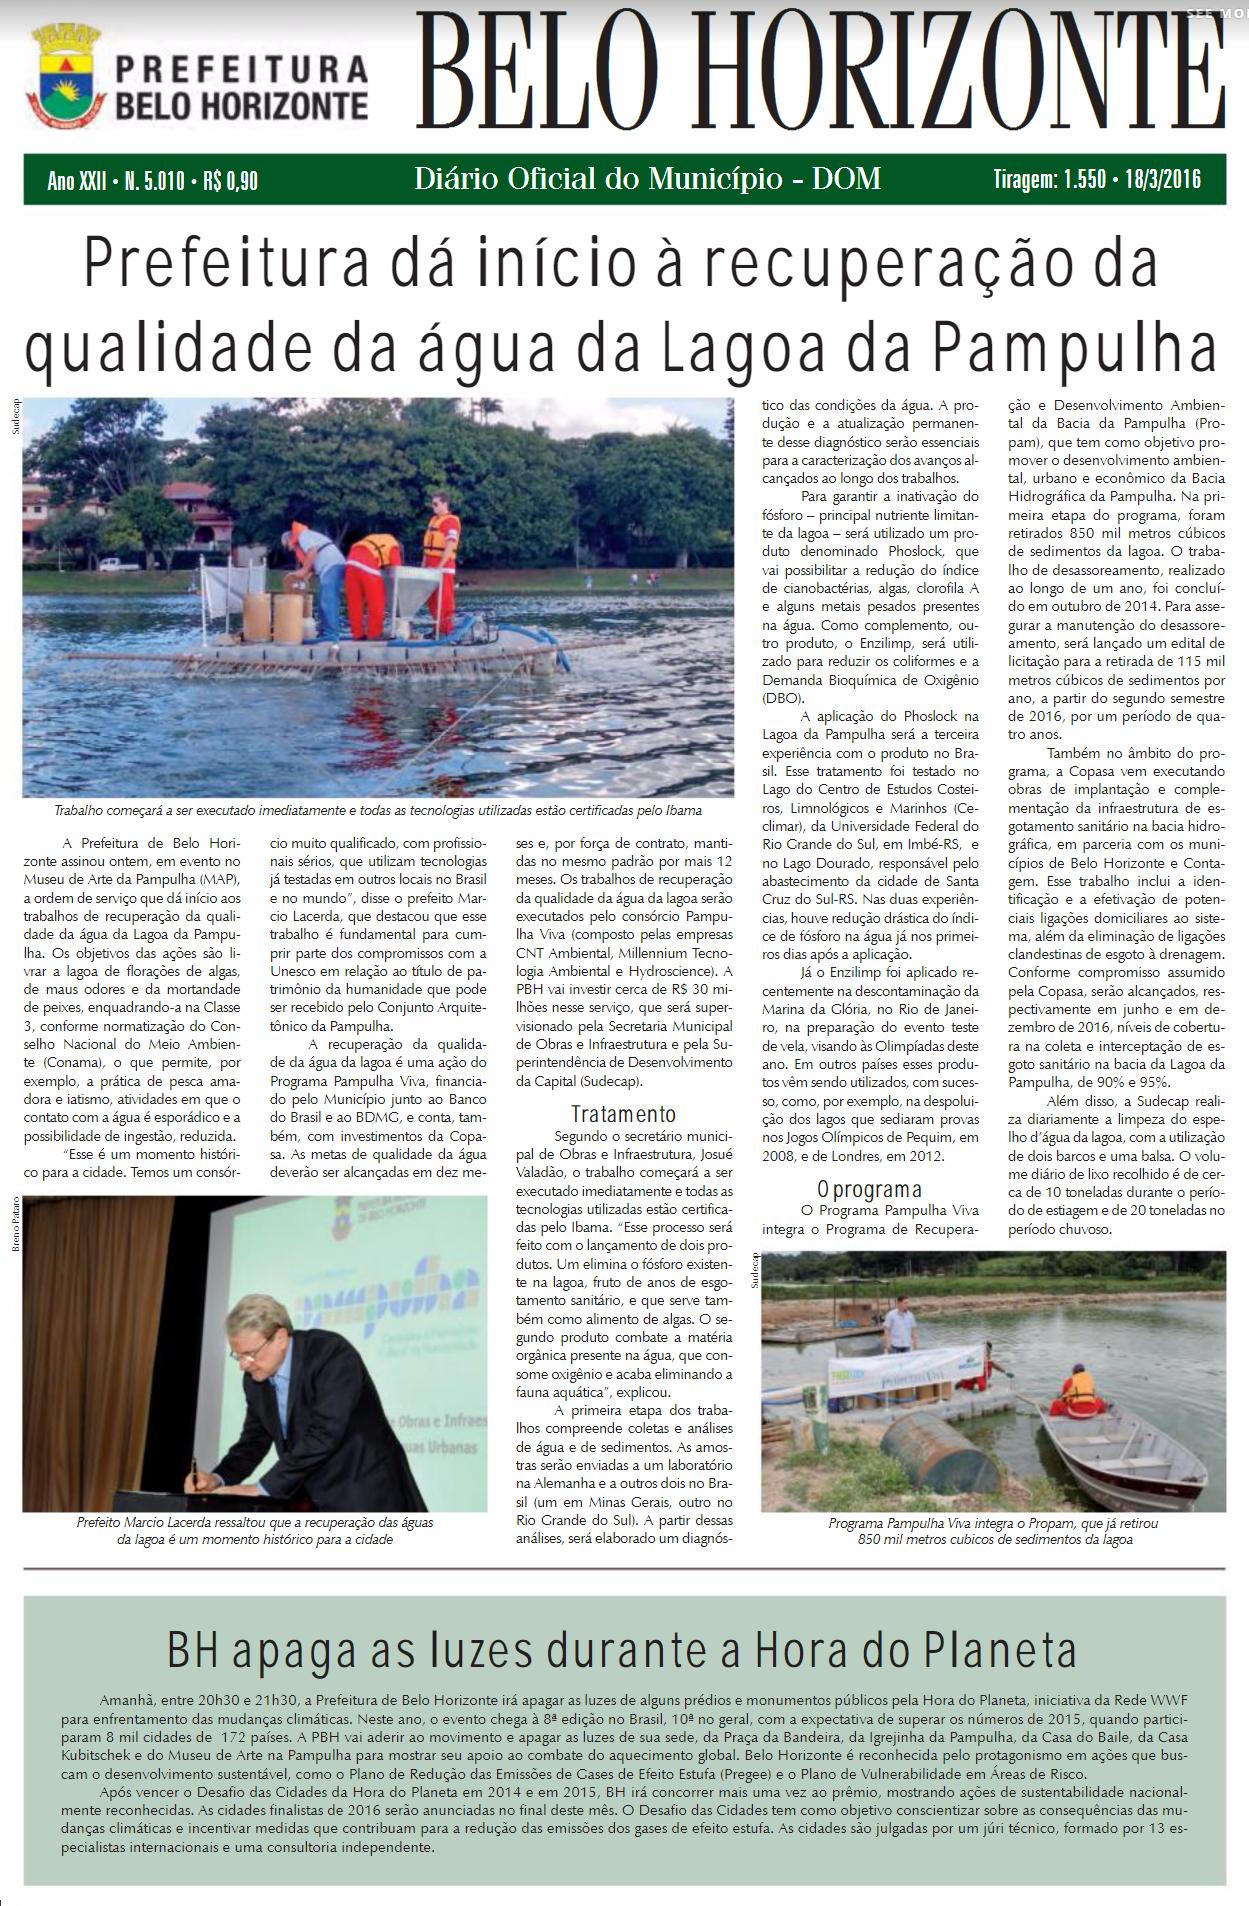 Prefeitura dá início à recuperação da qualidade da água da Lagoa da Pampulha, Enzilimp